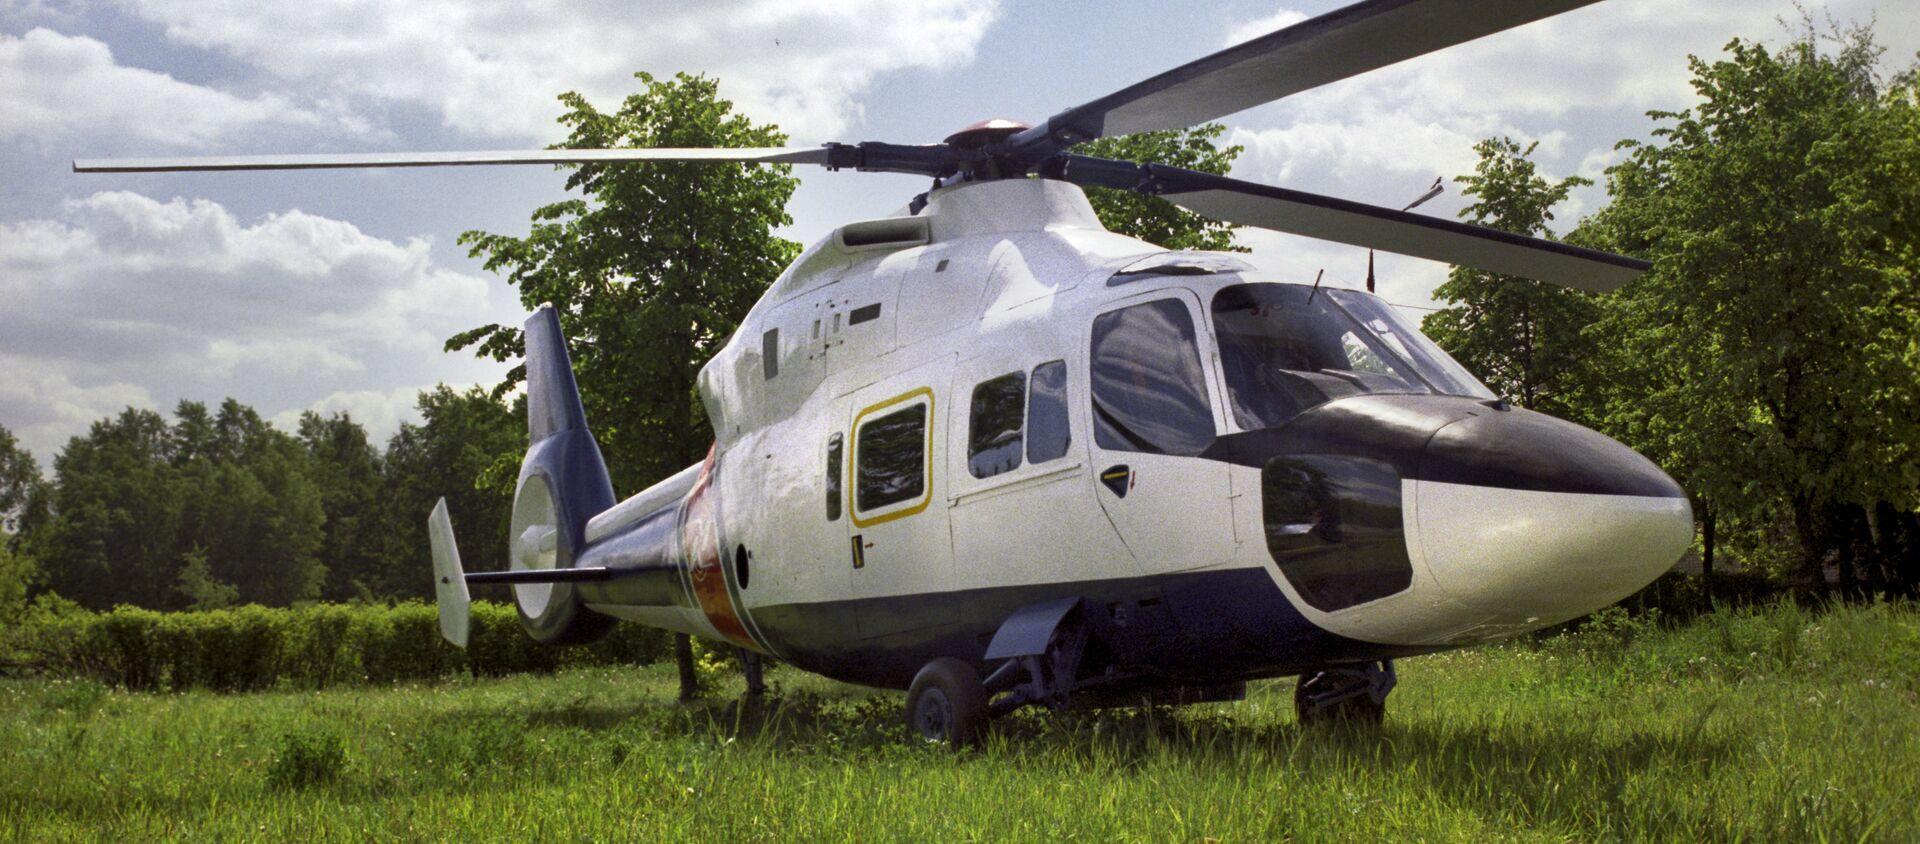 Trực thăng Ka-62 - Sputnik Việt Nam, 1920, 29.01.2020